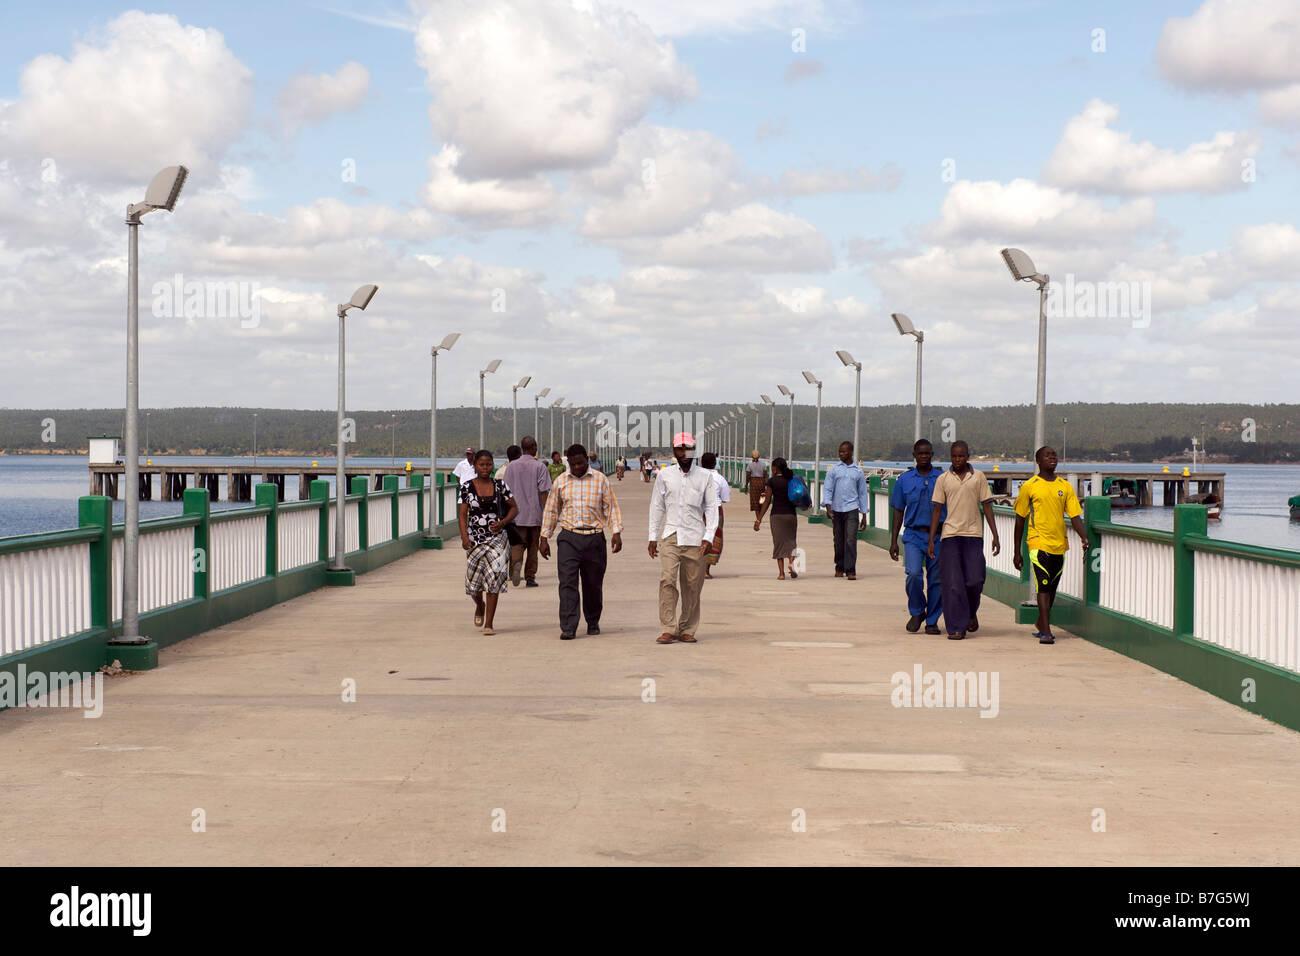 Los peatones en el muelle en la ciudad de Inhambane, en Mozambique. Imagen De Stock